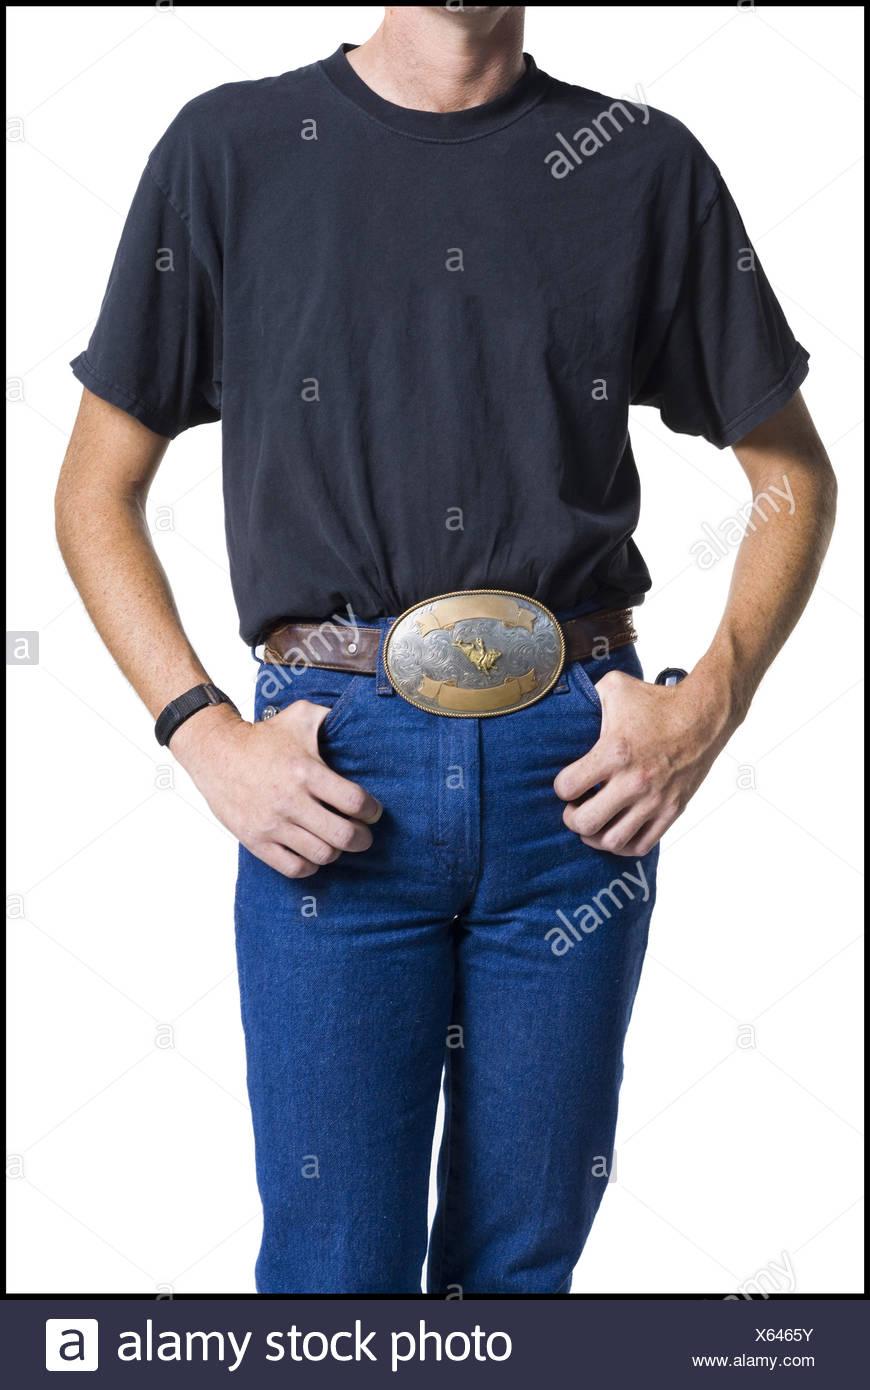 c4e3a7ff406 Au milieu du corps svelte jeune homme portant une grande boucle de ceinture